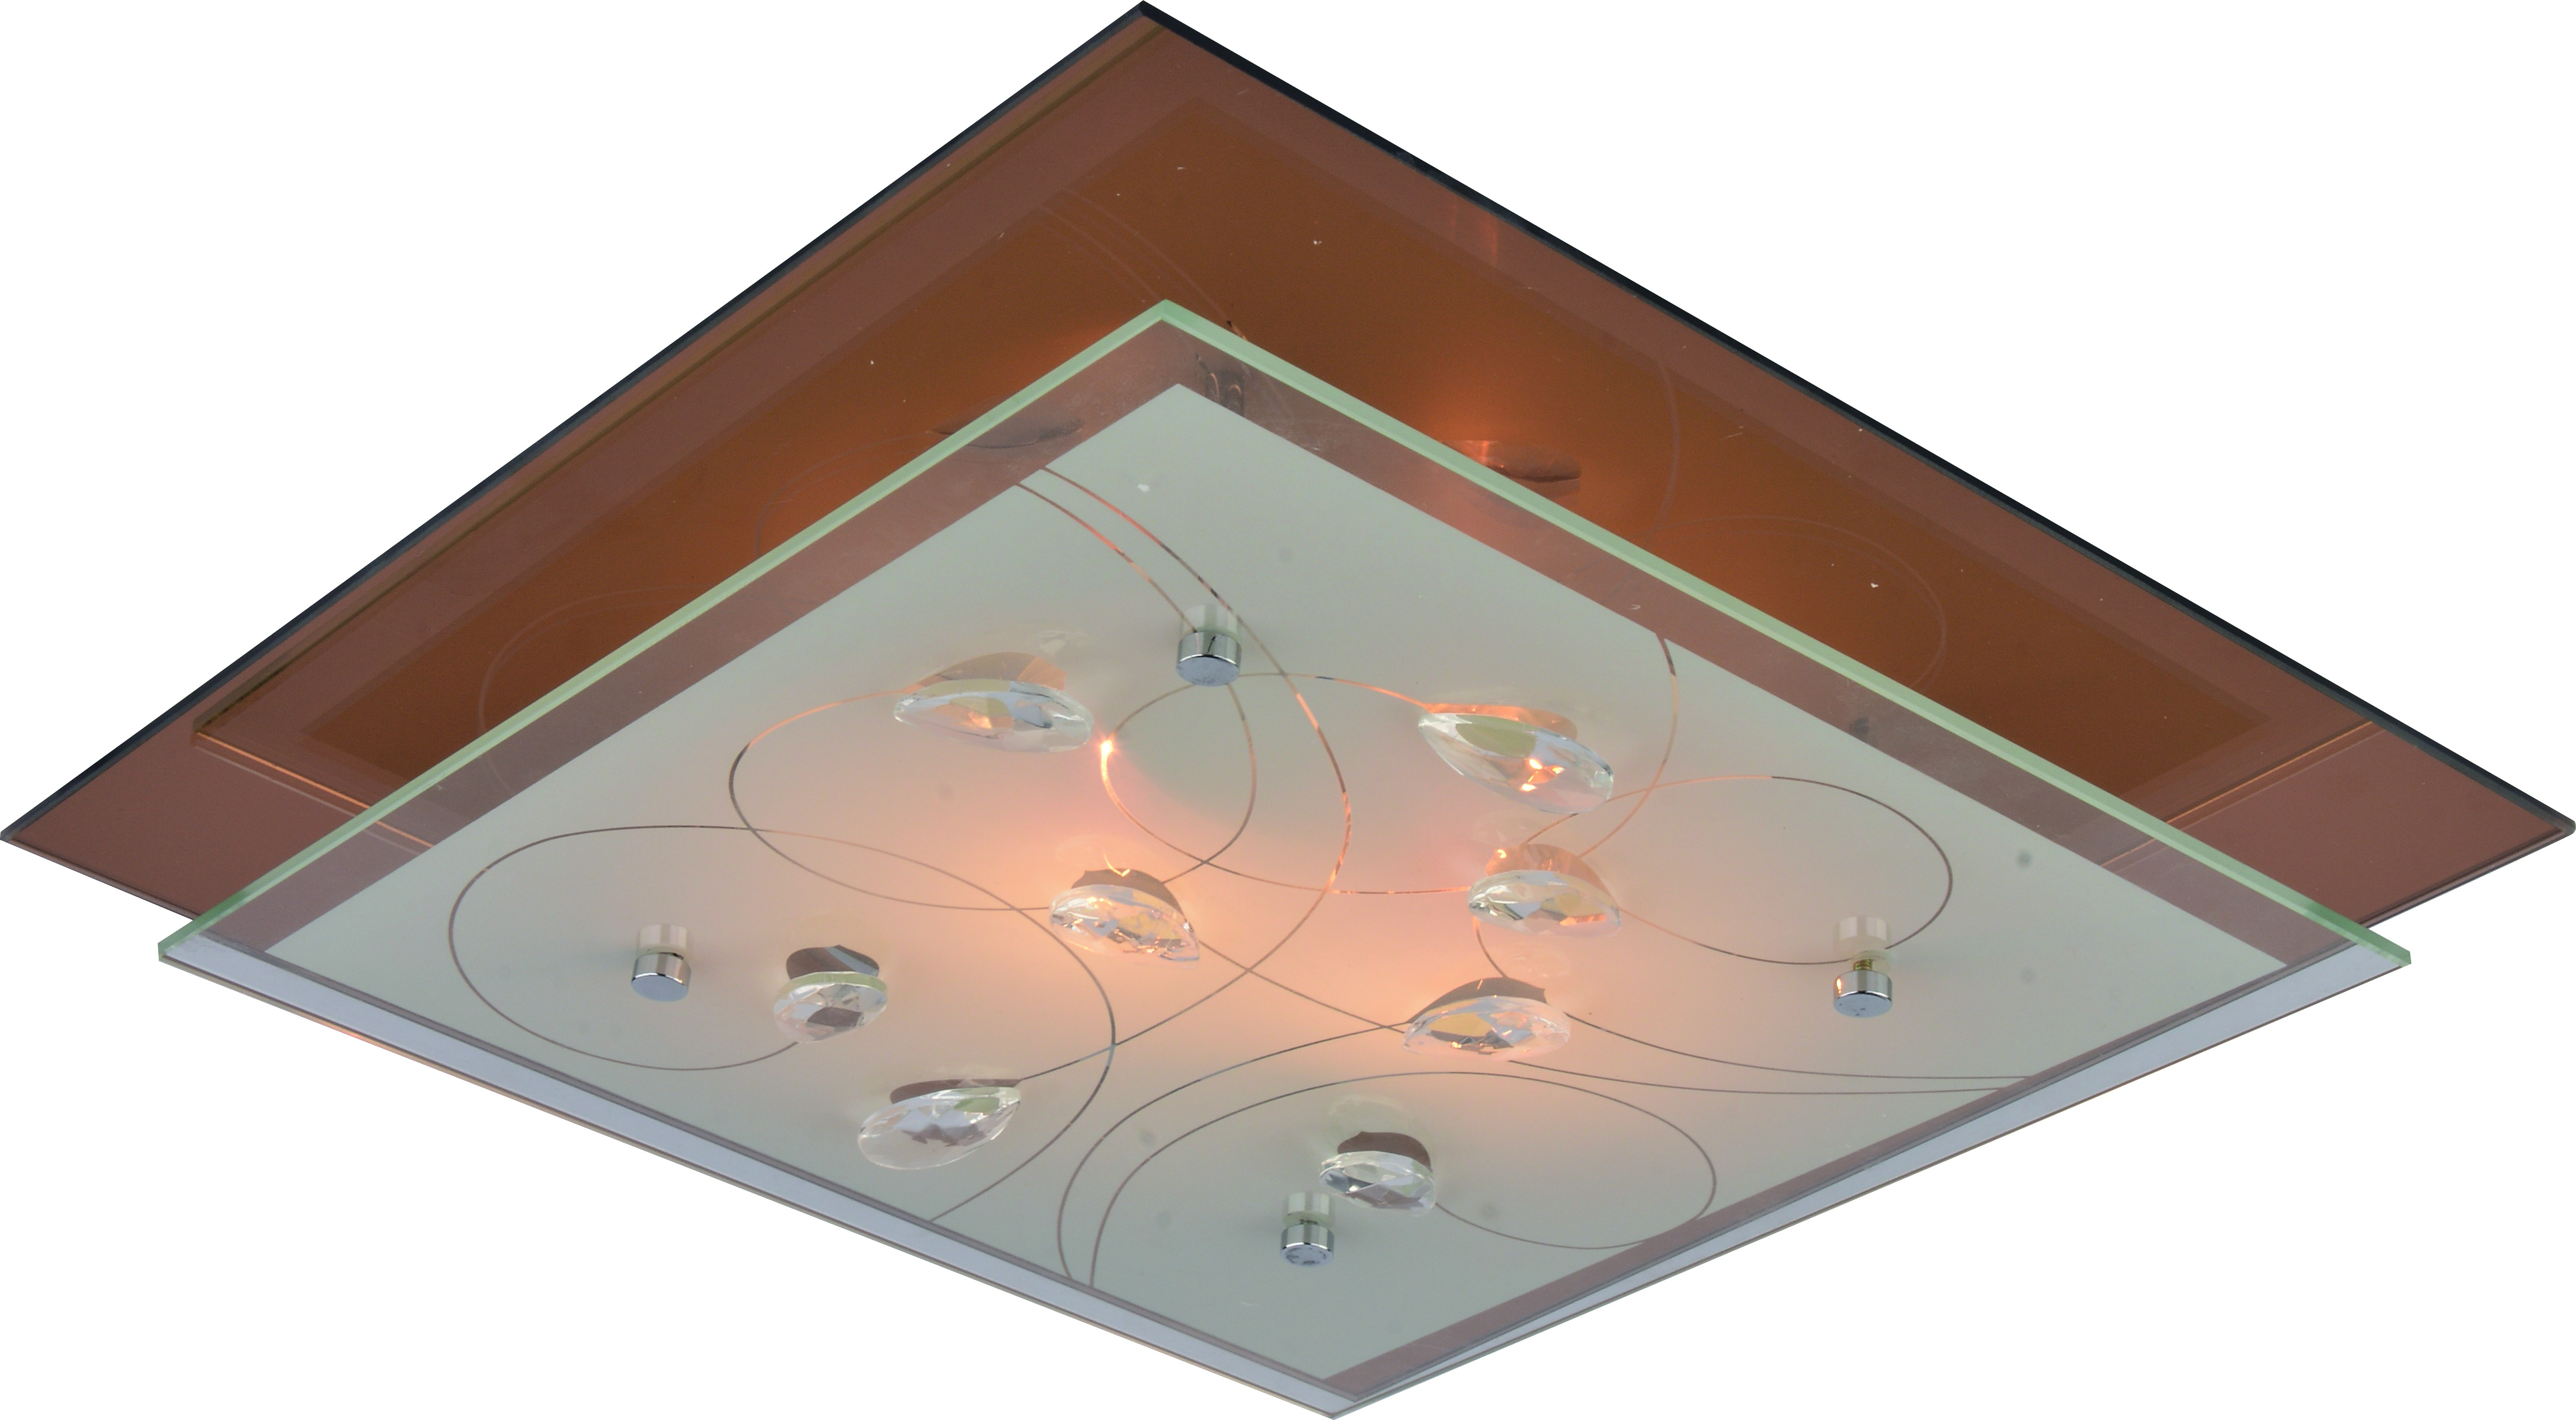 Светильник настенно-потолочный Arte lamp A4042pl-2cc цена и фото